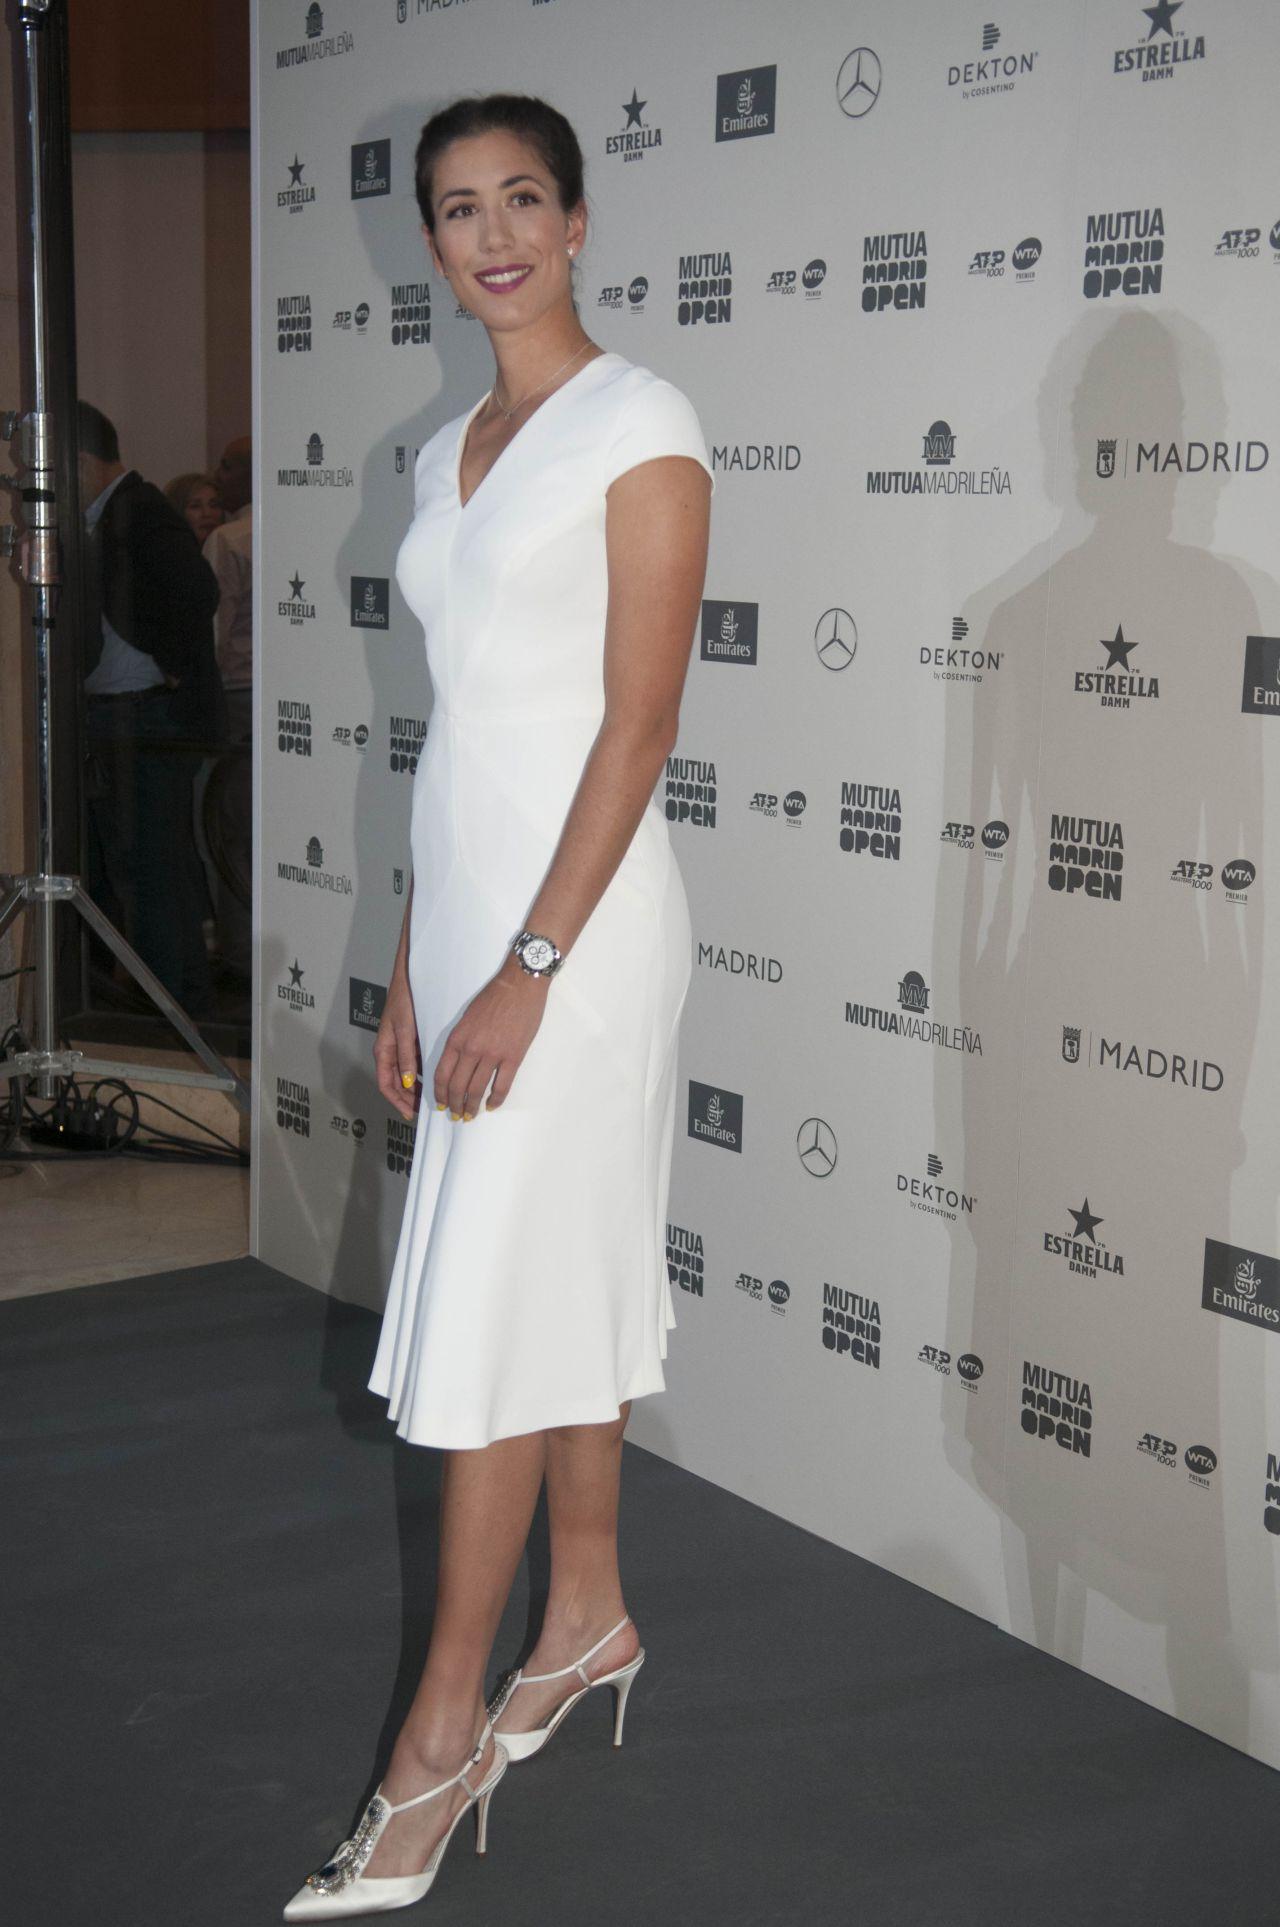 Garbiñe Muguruza, en la presentación del Open de Tenis de Madrid que tuvo lugar en el Museo del Prado.